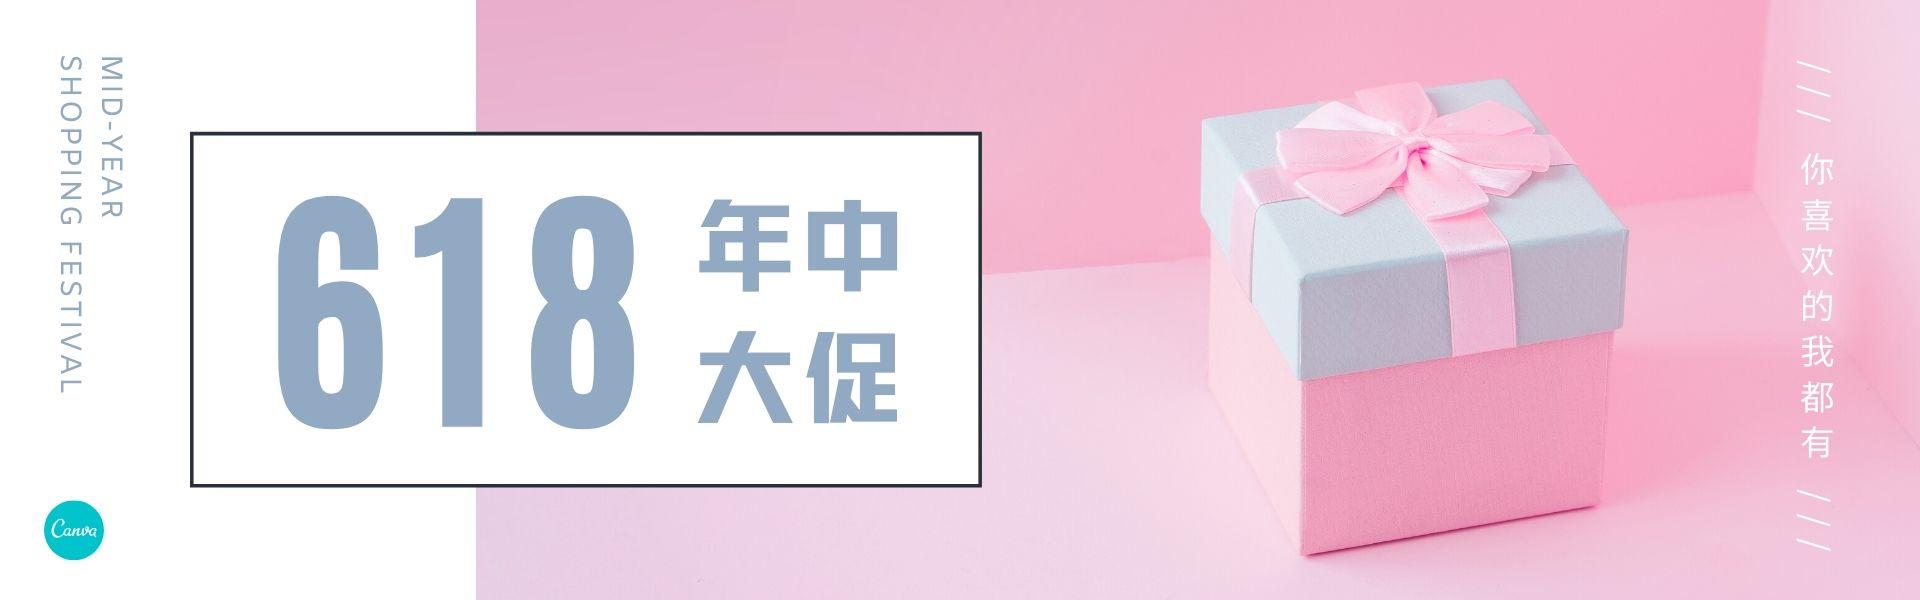 618购物节电商Banner